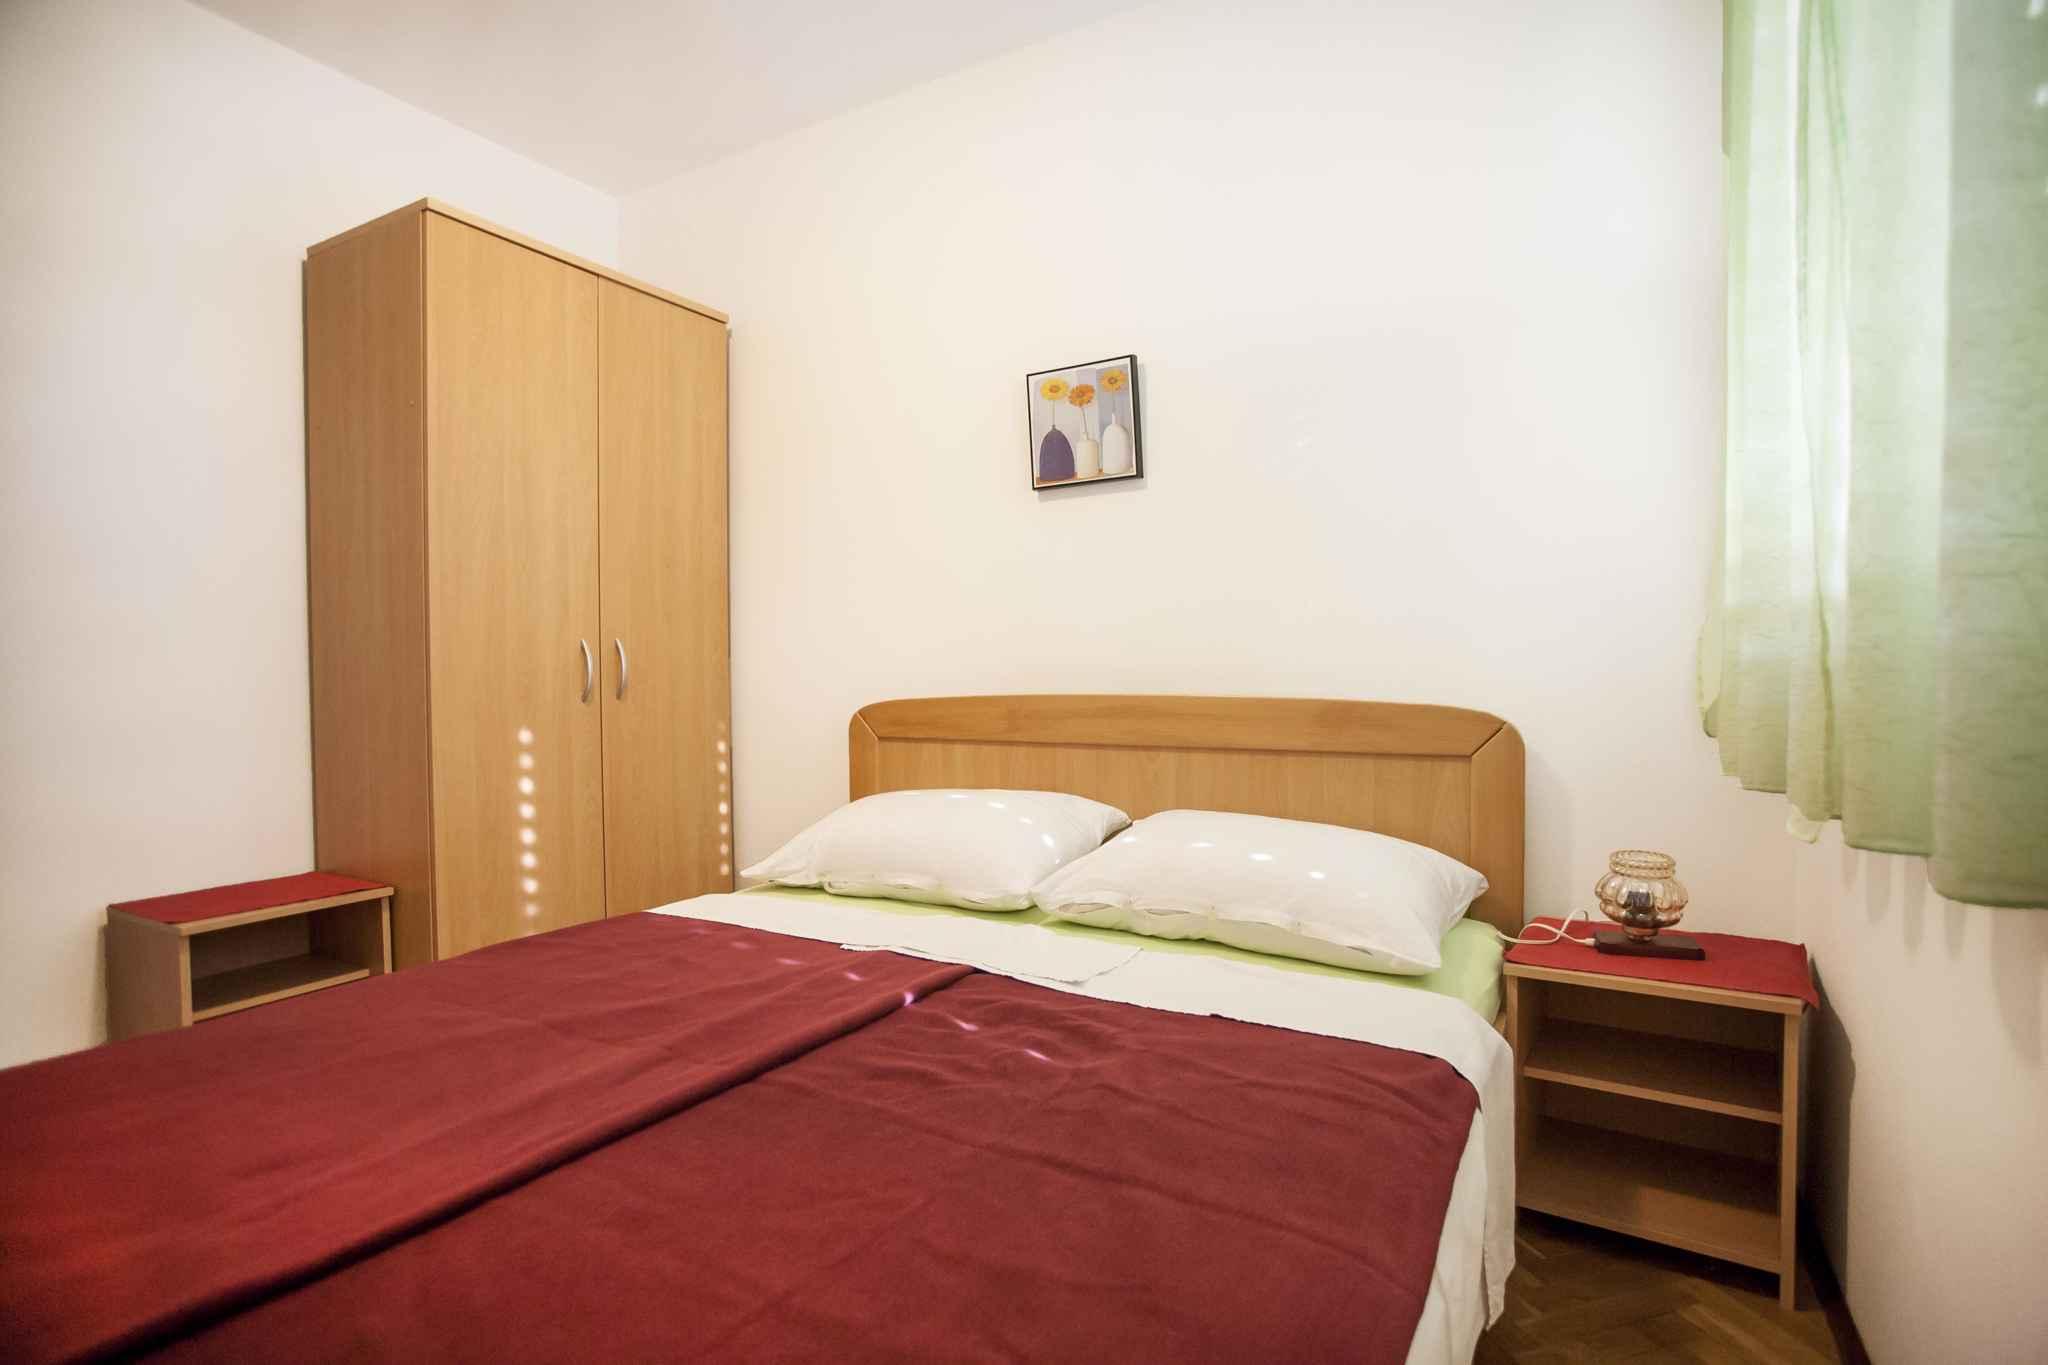 Ferienwohnung u centru (280994), Rovinj, , Istrien, Kroatien, Bild 15